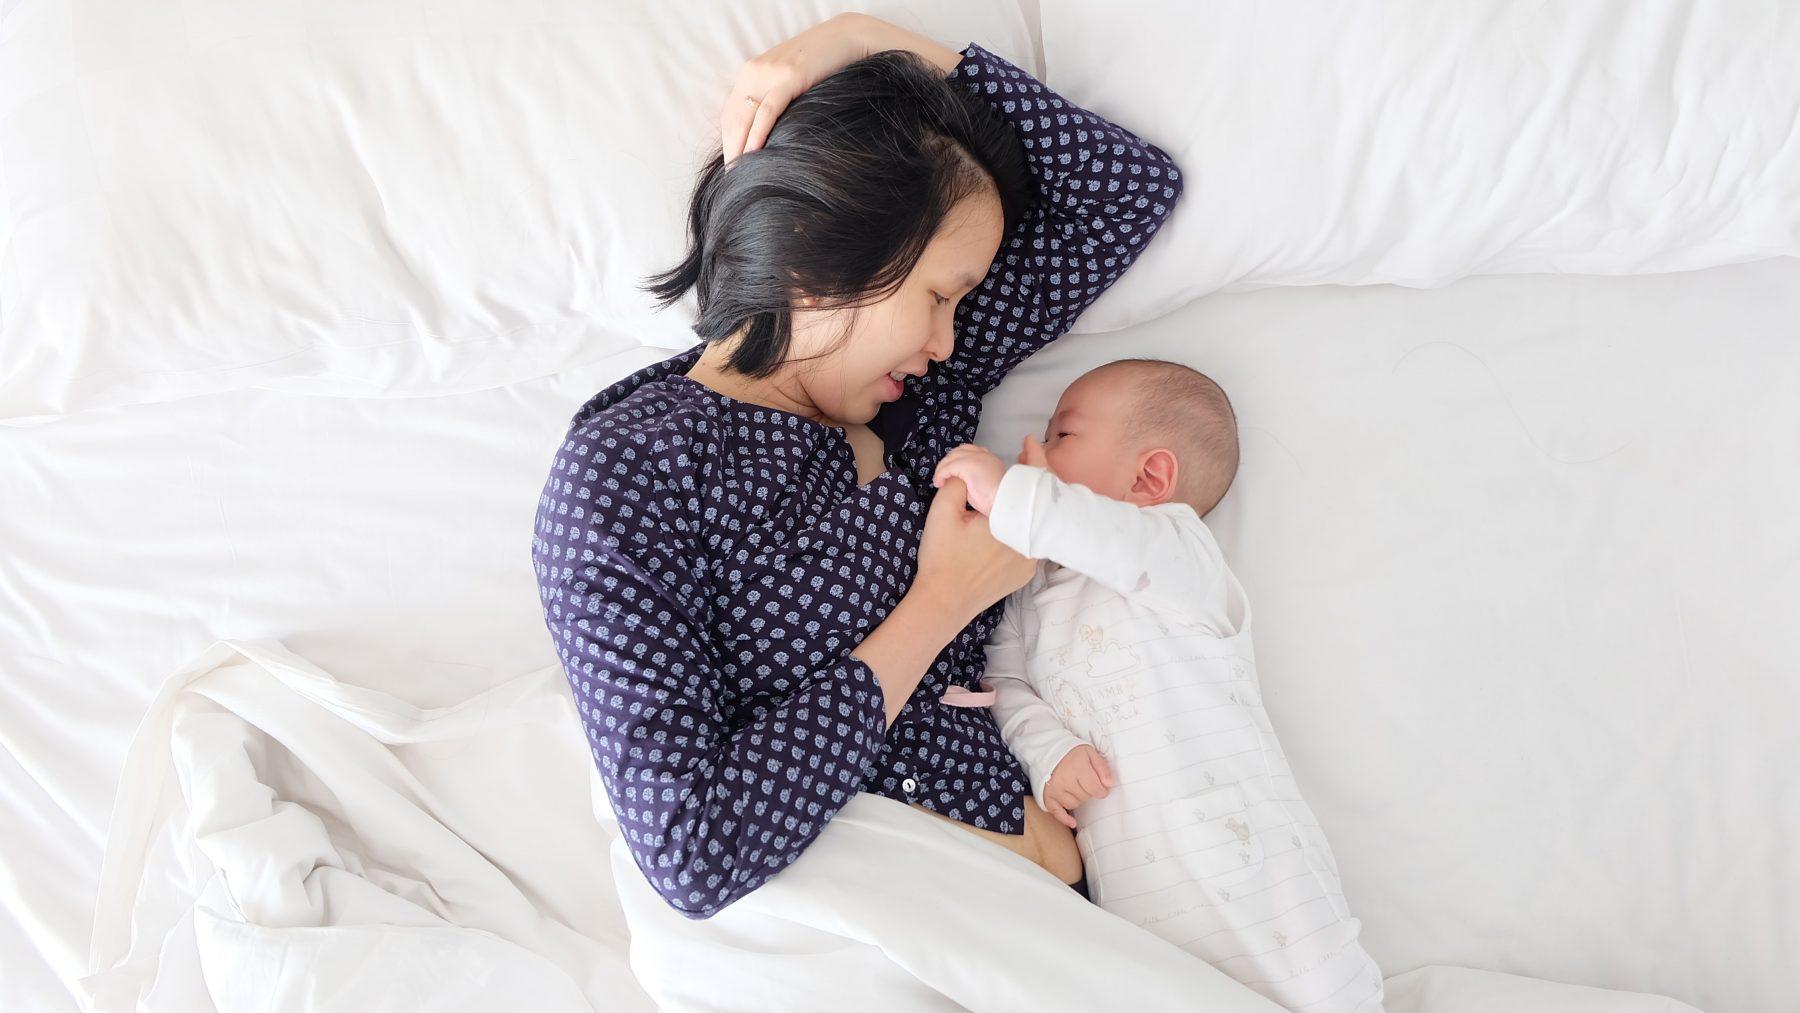 Wel of niet 'co-sleeping' met de baby? Doe mee aan onze enquête